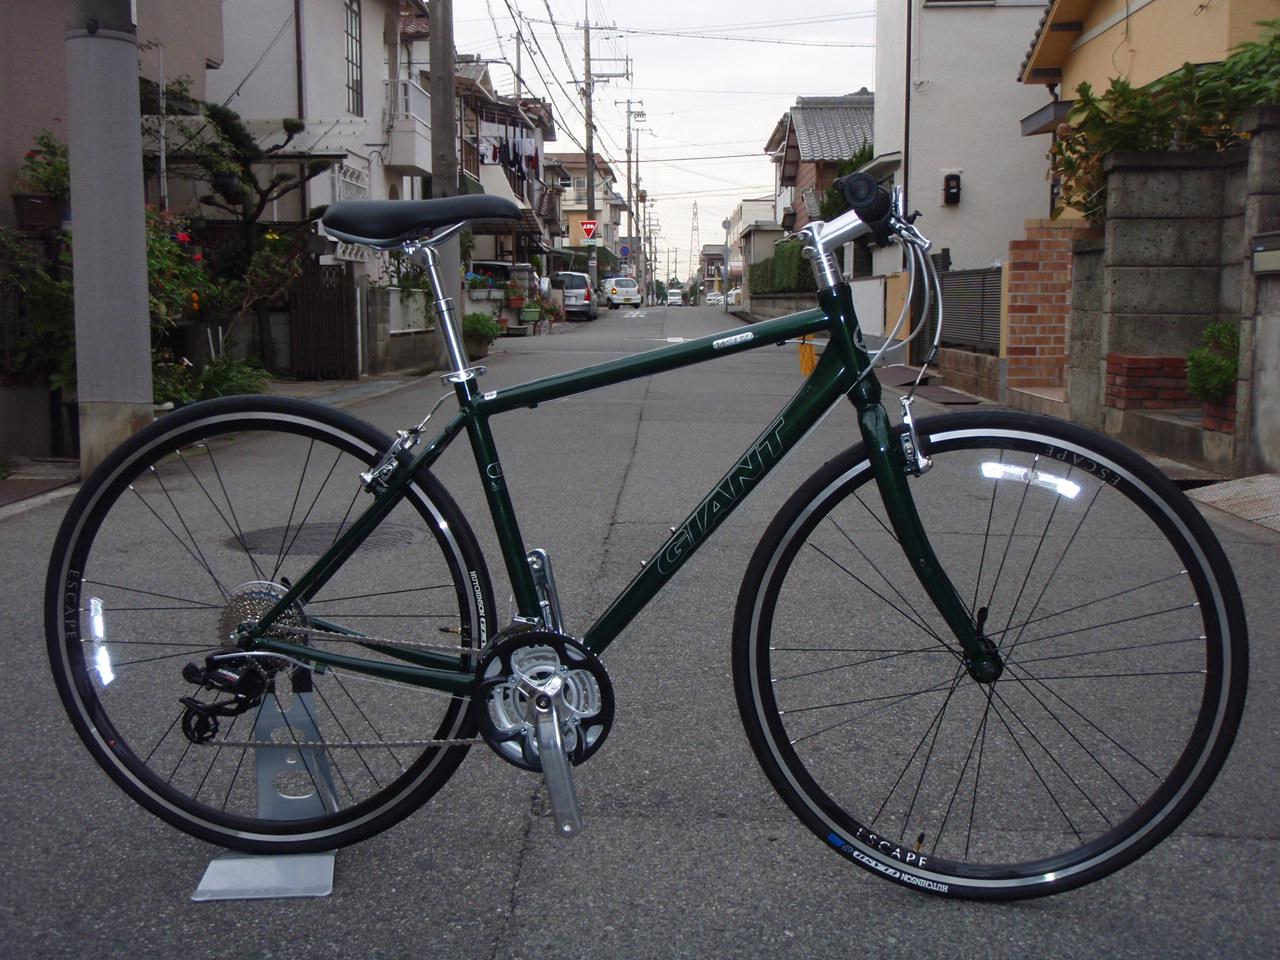 自転車の escape r3 自転車 : 2009 ESCAPE R3 入荷 : 旧 自転車 ...